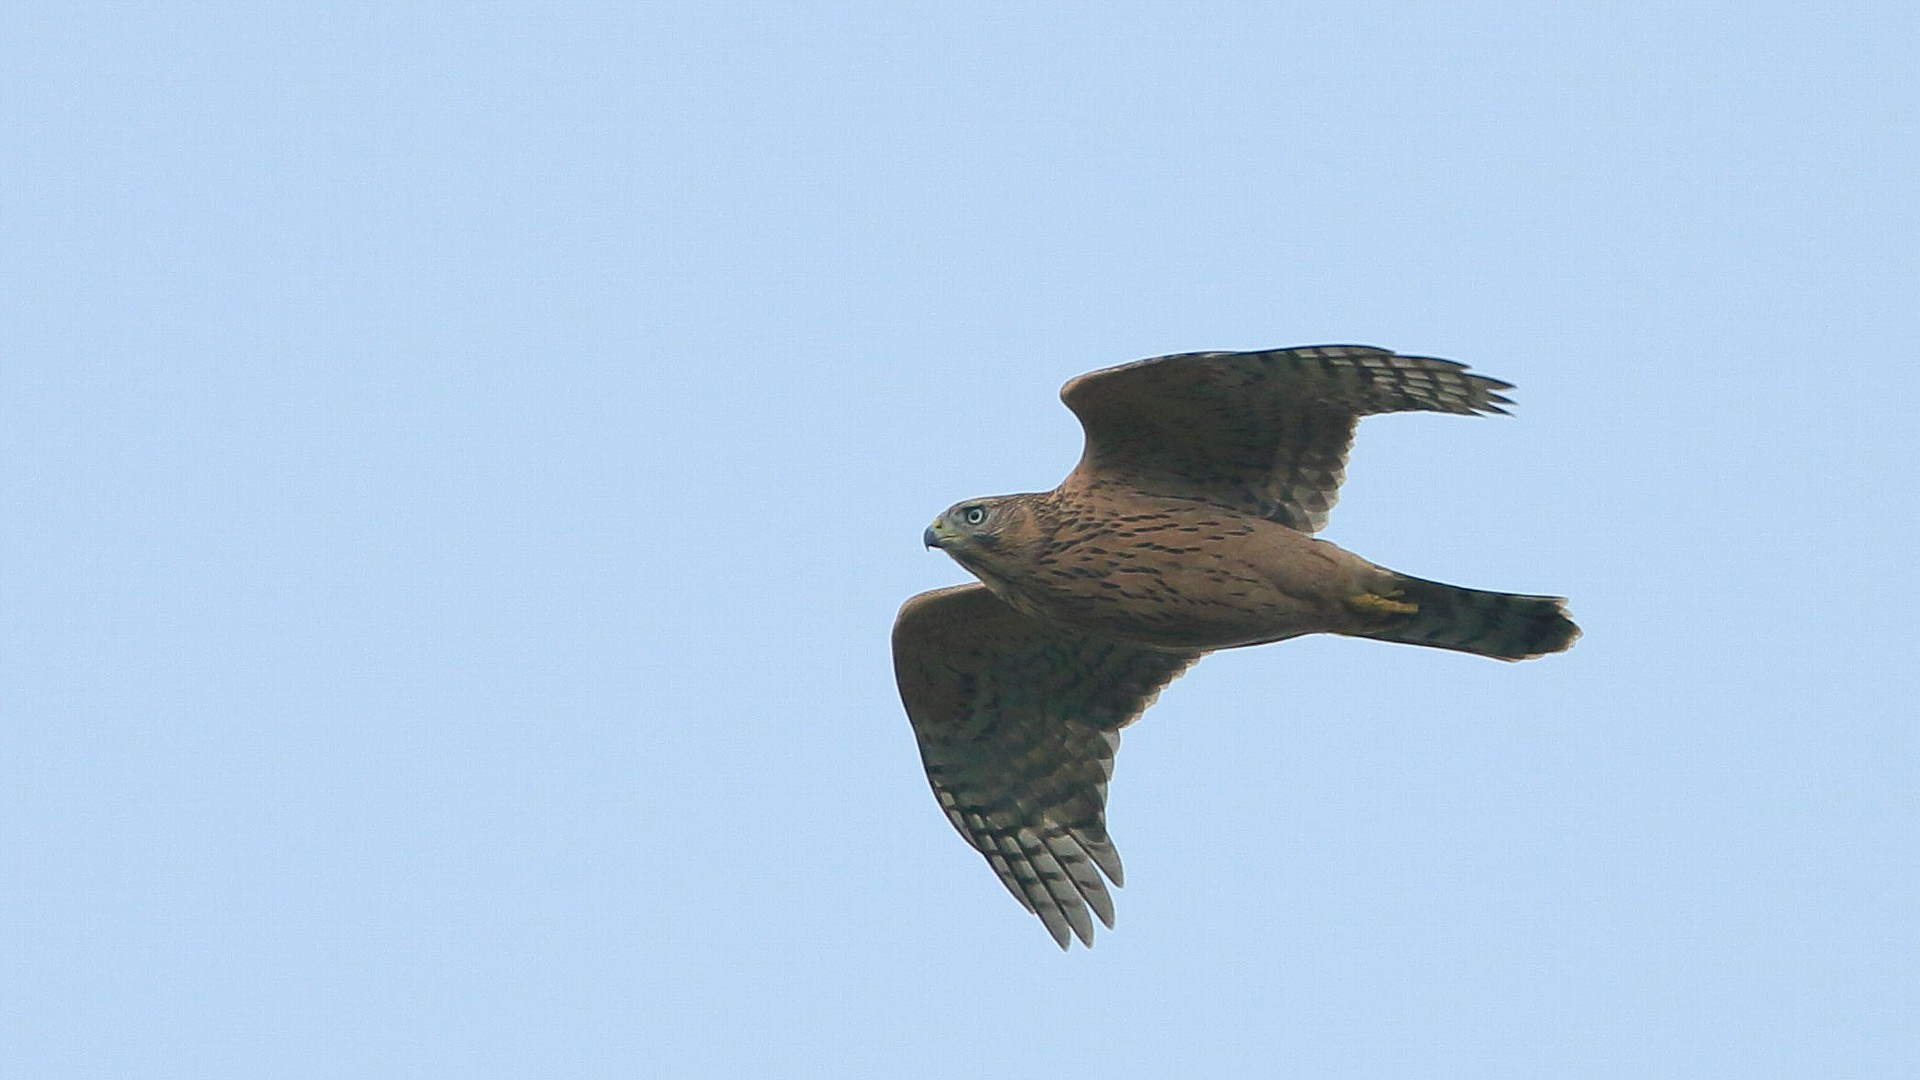 昨年今頃のオオタカ幼鳥飛翔_f0105570_21352405.jpg